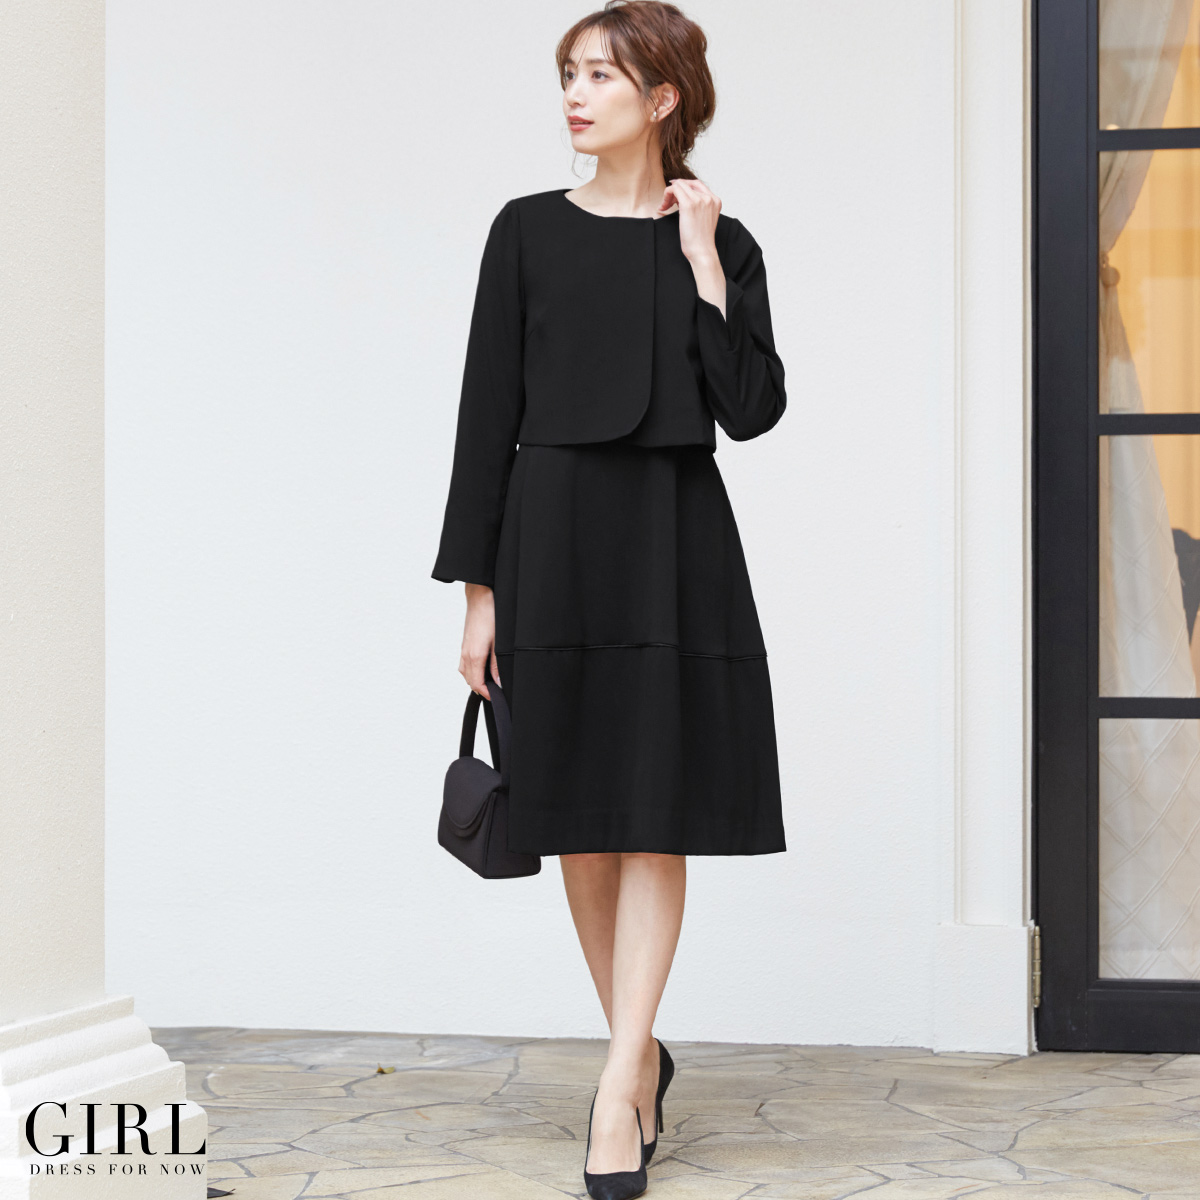 Dress shop GIRL | Rakuten Global Market: It is fall and winter in ...